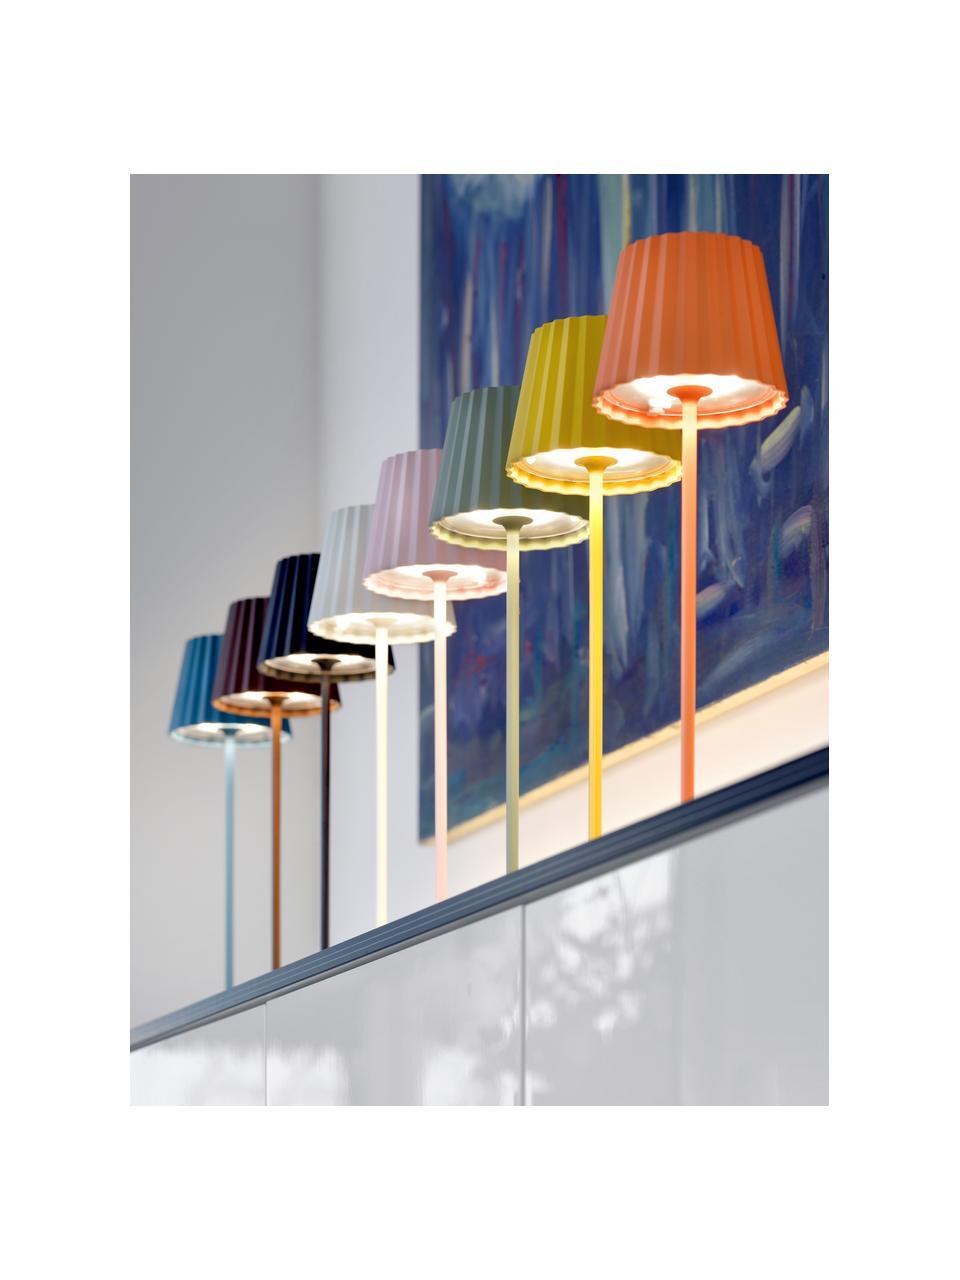 Mobile Dimmbare Außentischlampe Trellia, Lampenschirm: Aluminium, lackiert, Lampenfuß: Aluminium, lackiert, Weiß, Ø 12 x H 38 cm